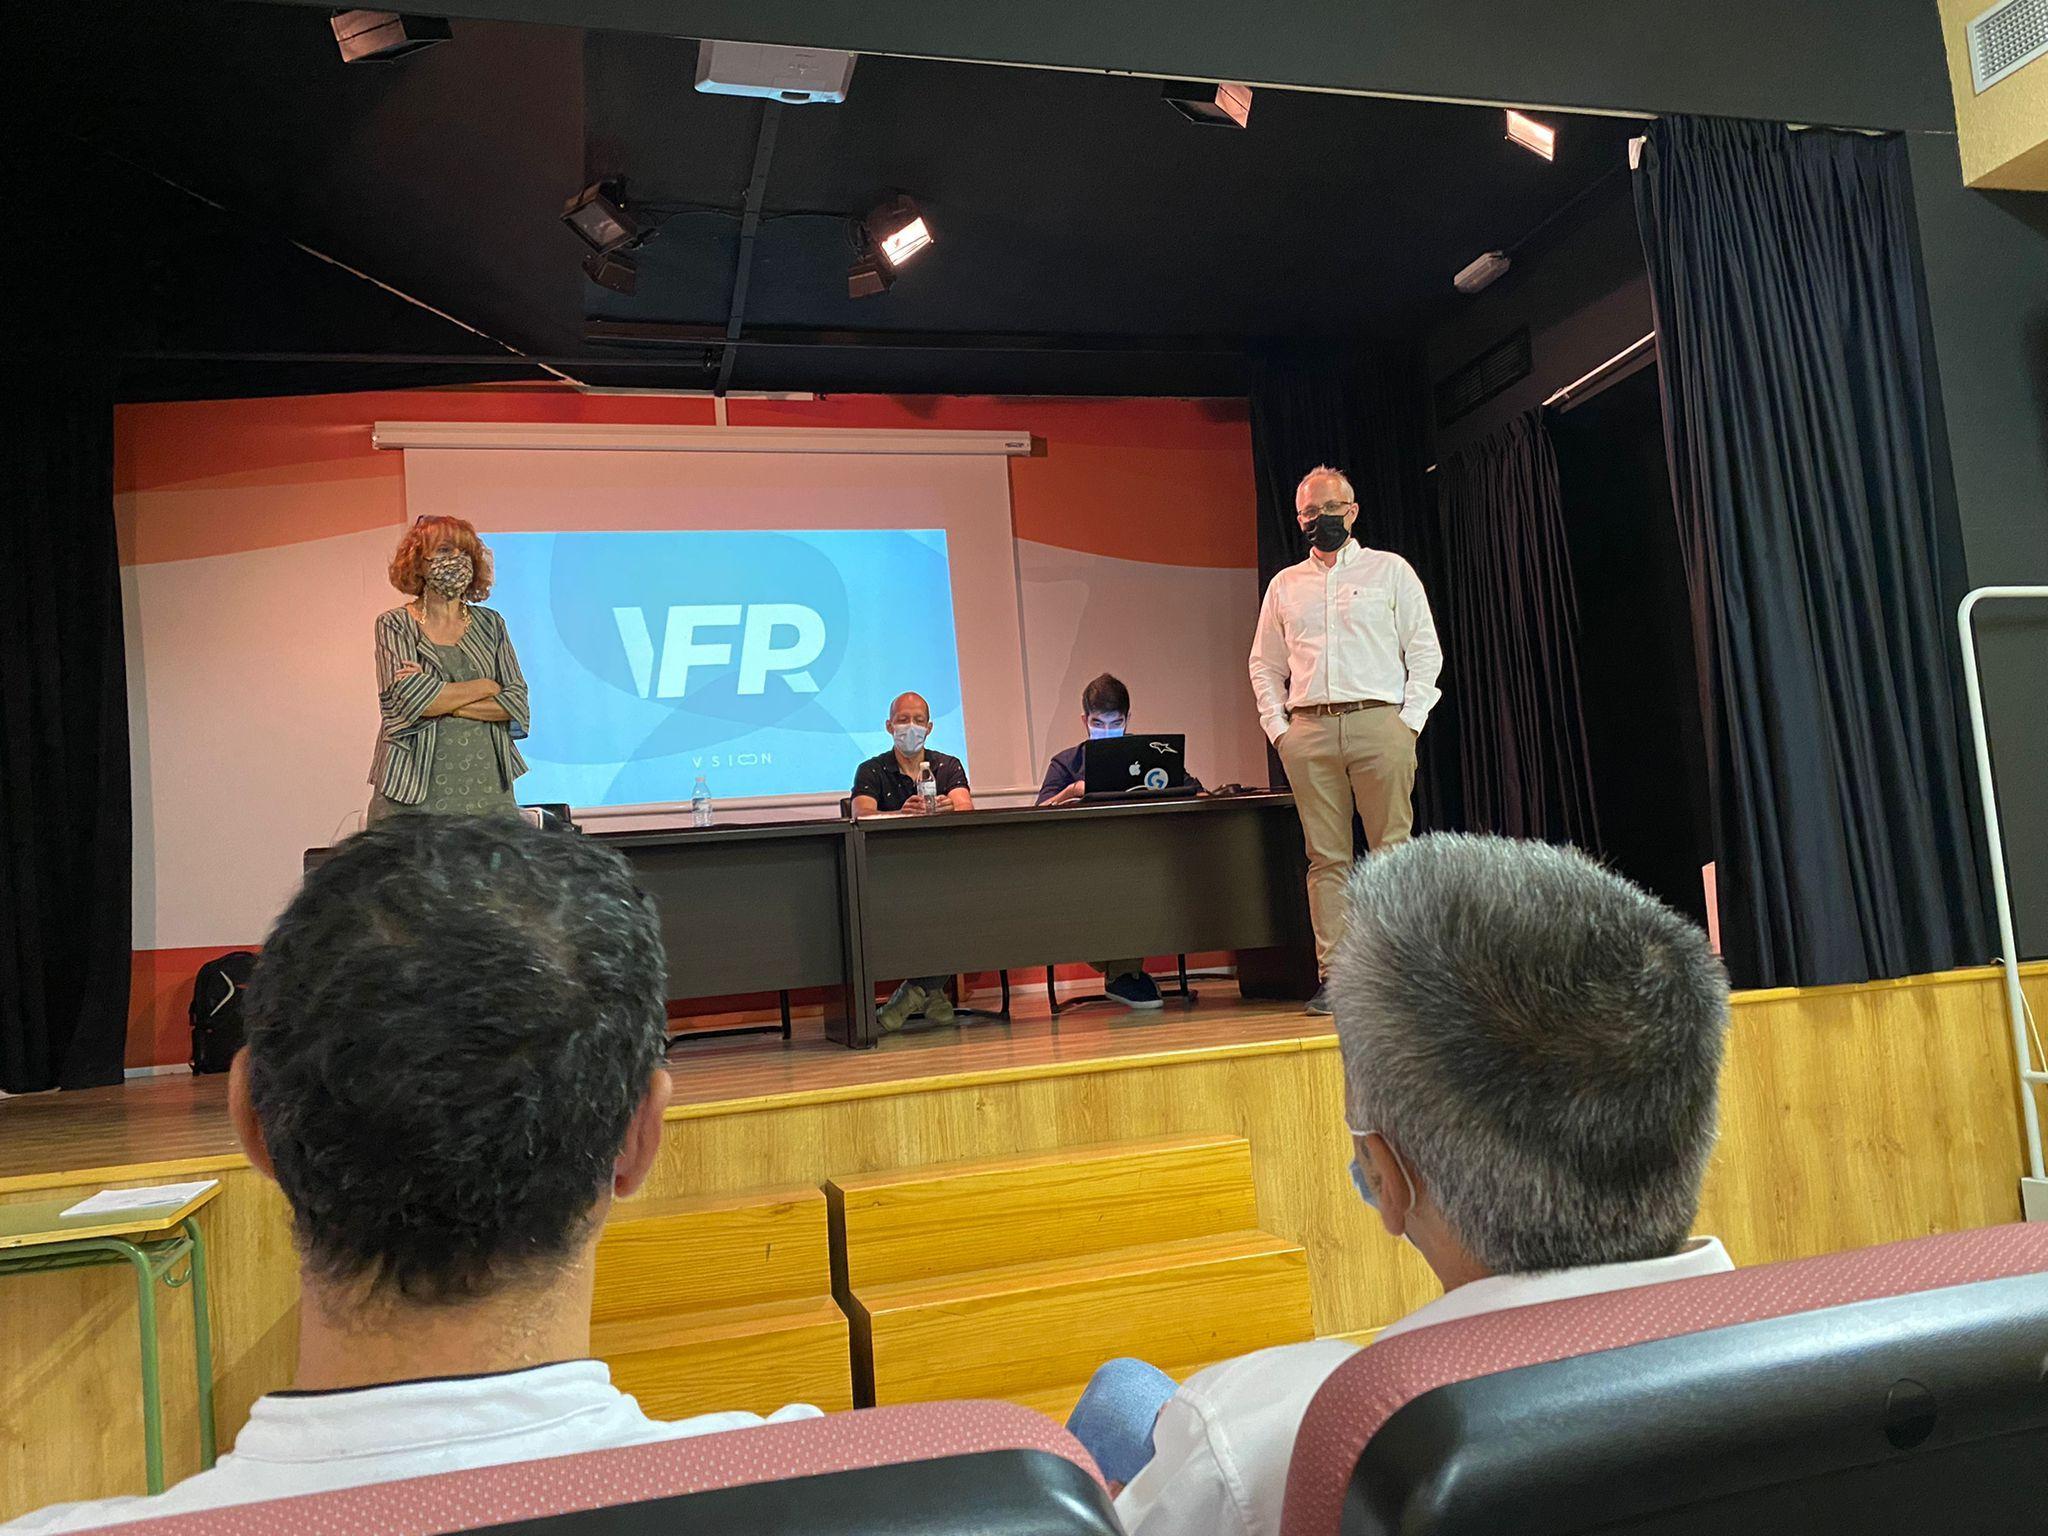 El Gobierno regional forma a docentes de 20 centros educativos de FP en el uso de simuladores de realidad virtual